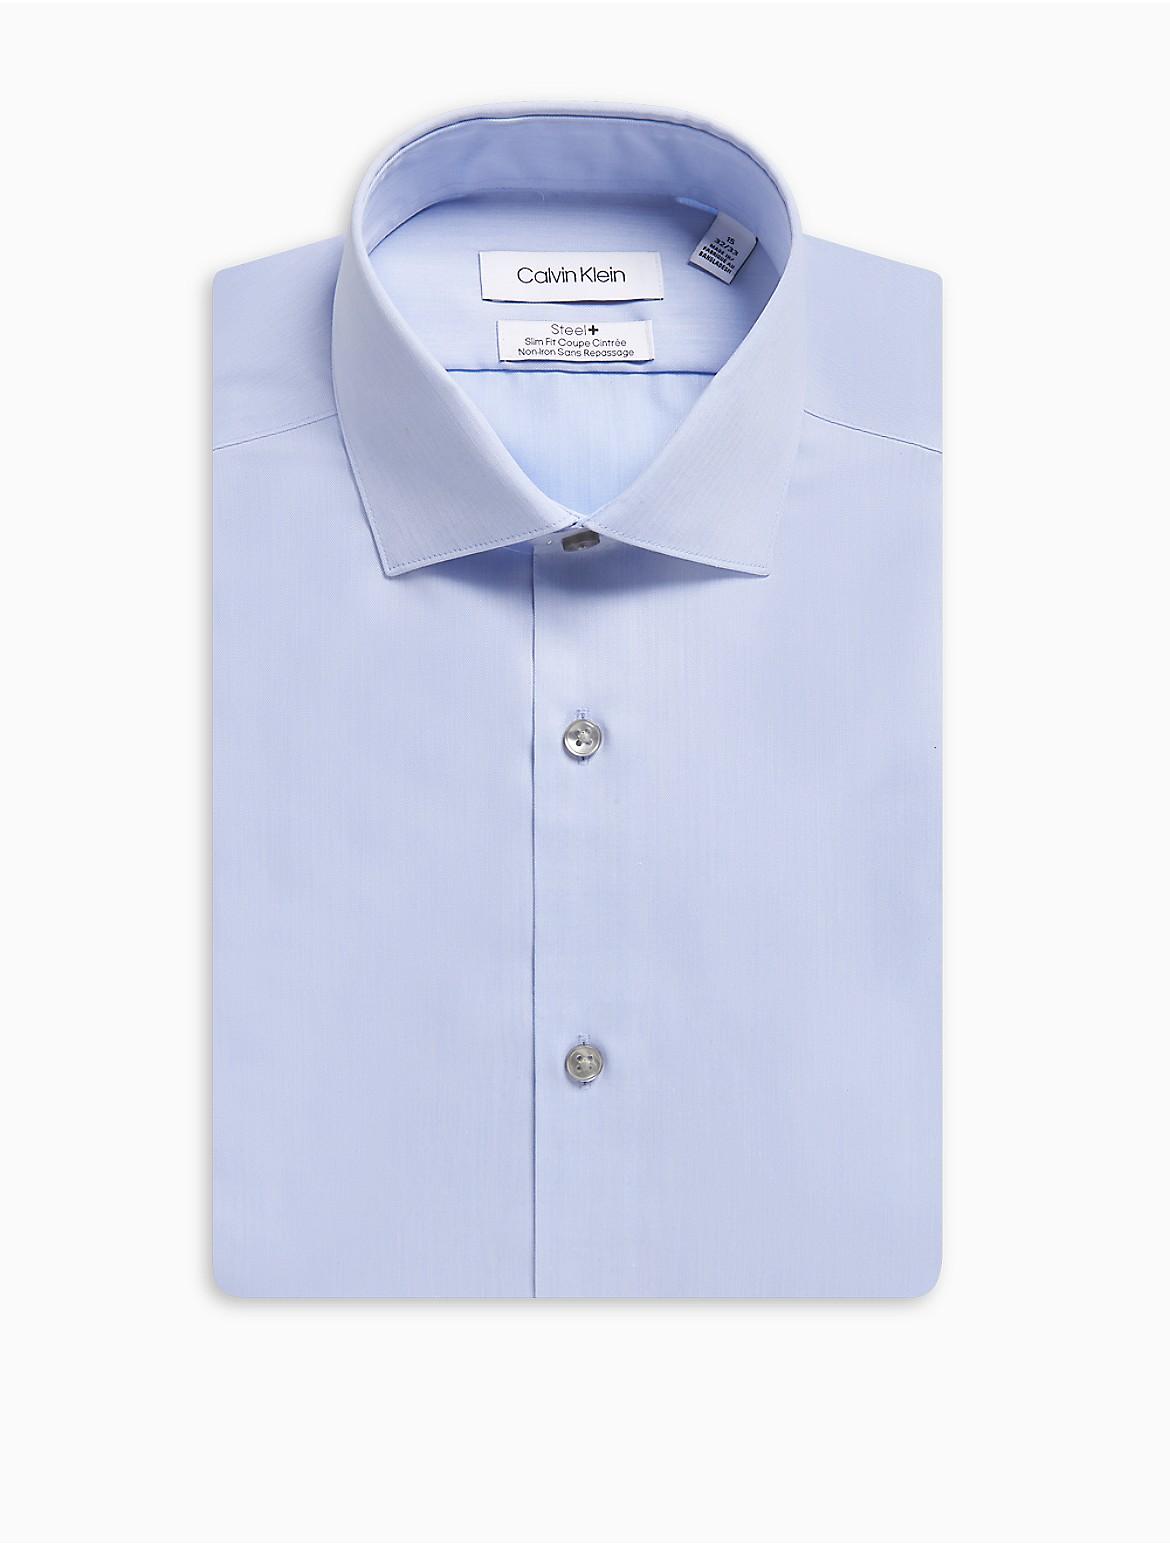 Steel Slim Fit Solid Herringbone Dress Shirt Calvin Klein